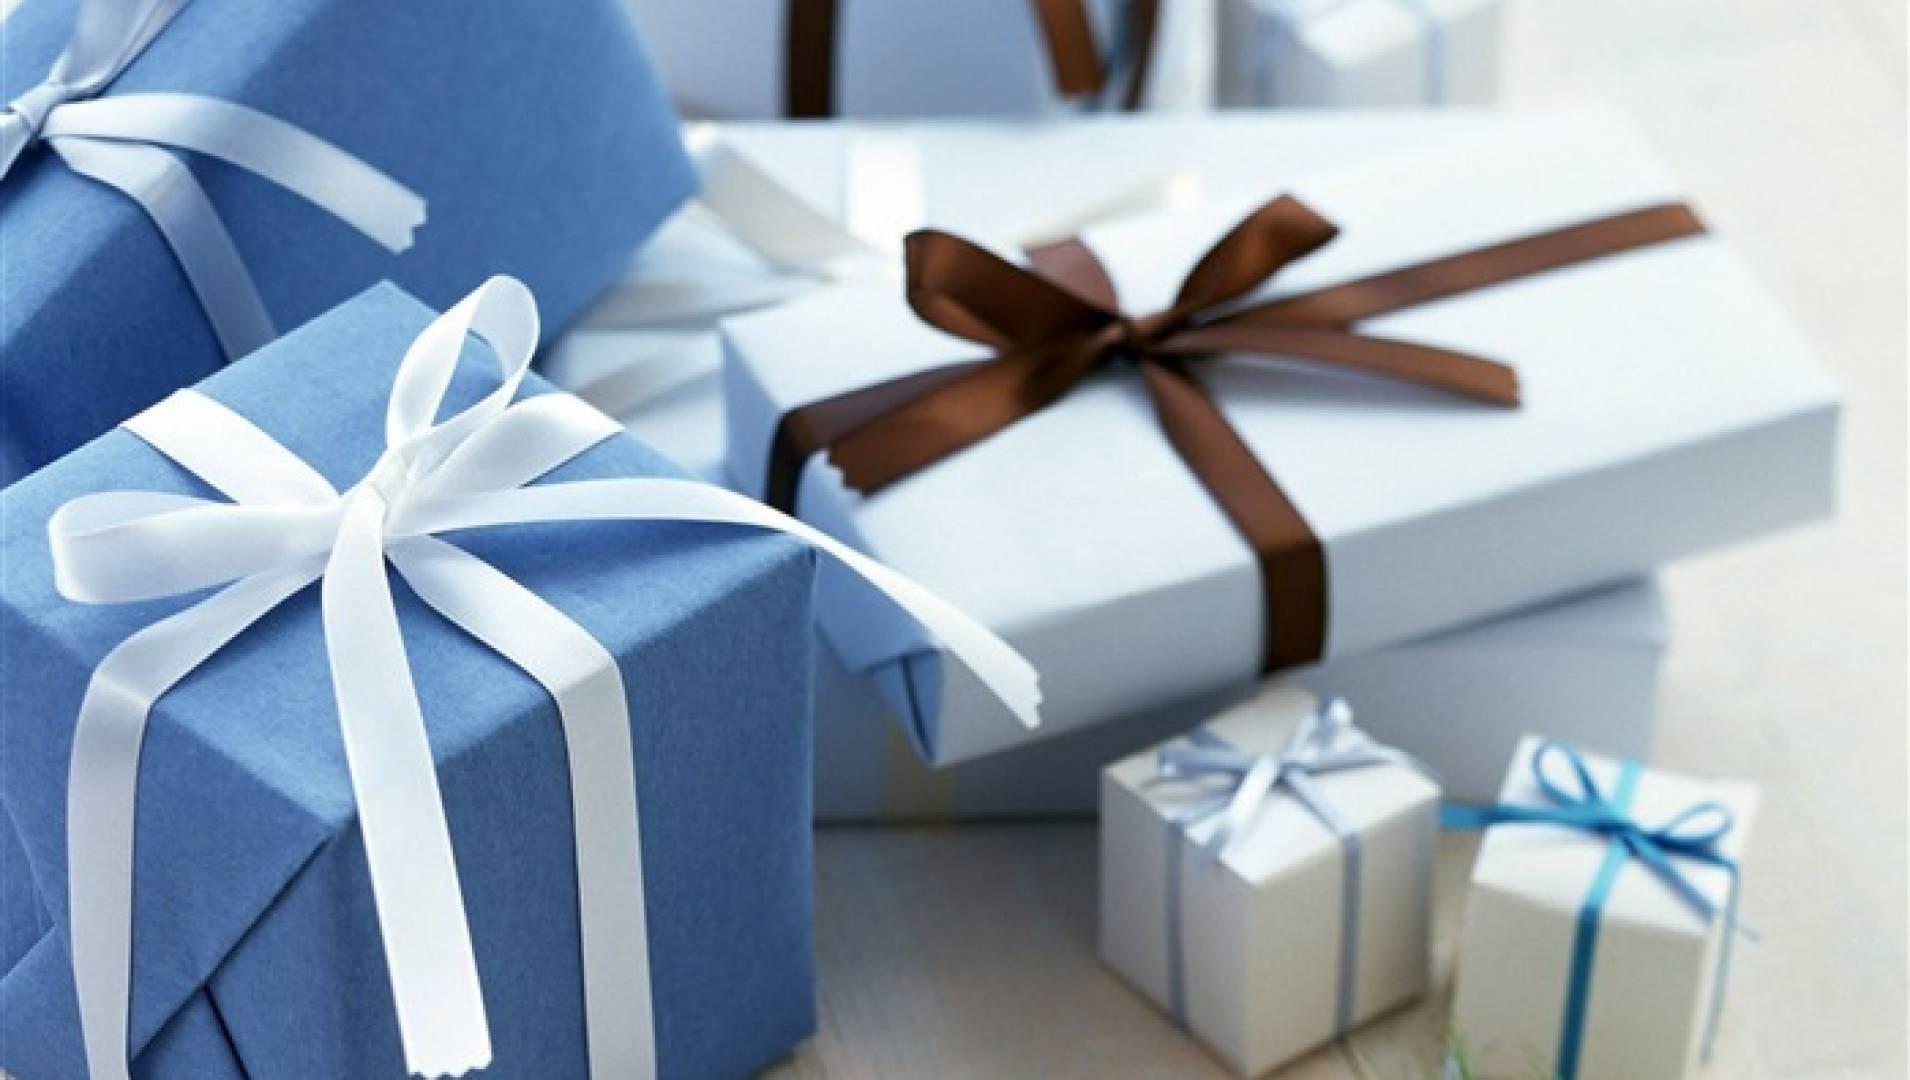 Теория заговора. Праздники и подарки - Документальная, Программа